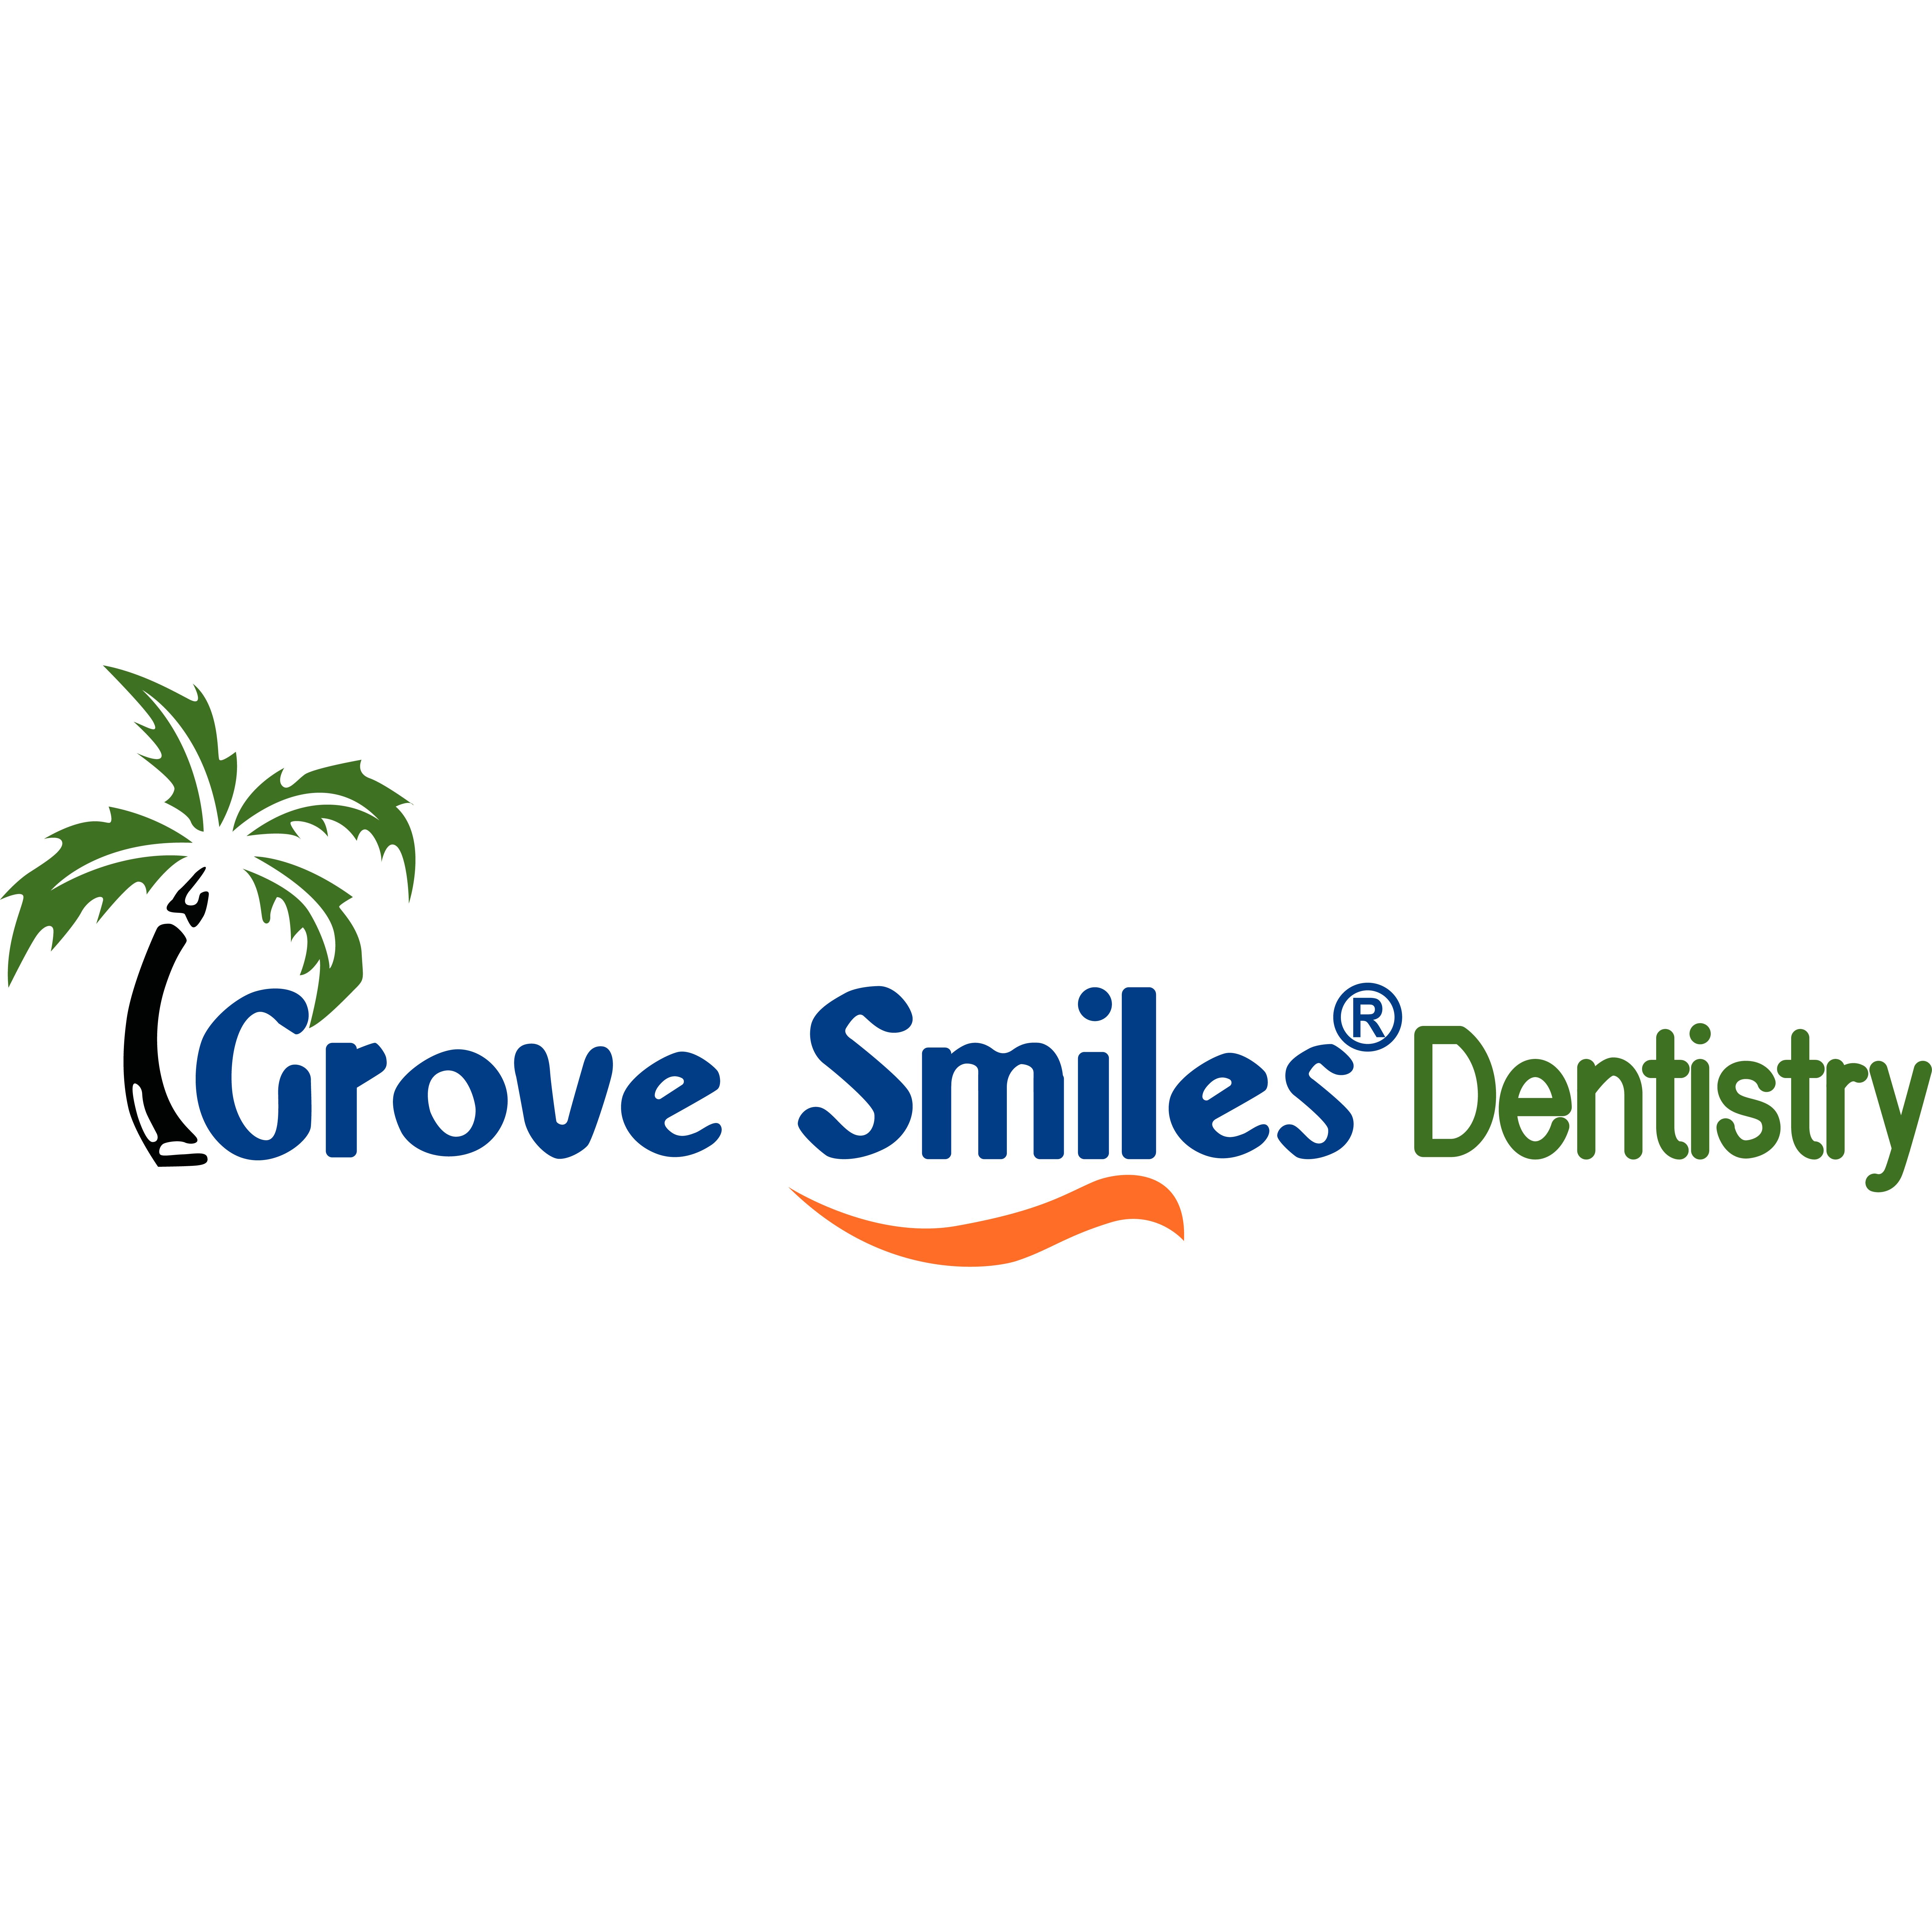 Grove Smiles Dentistry